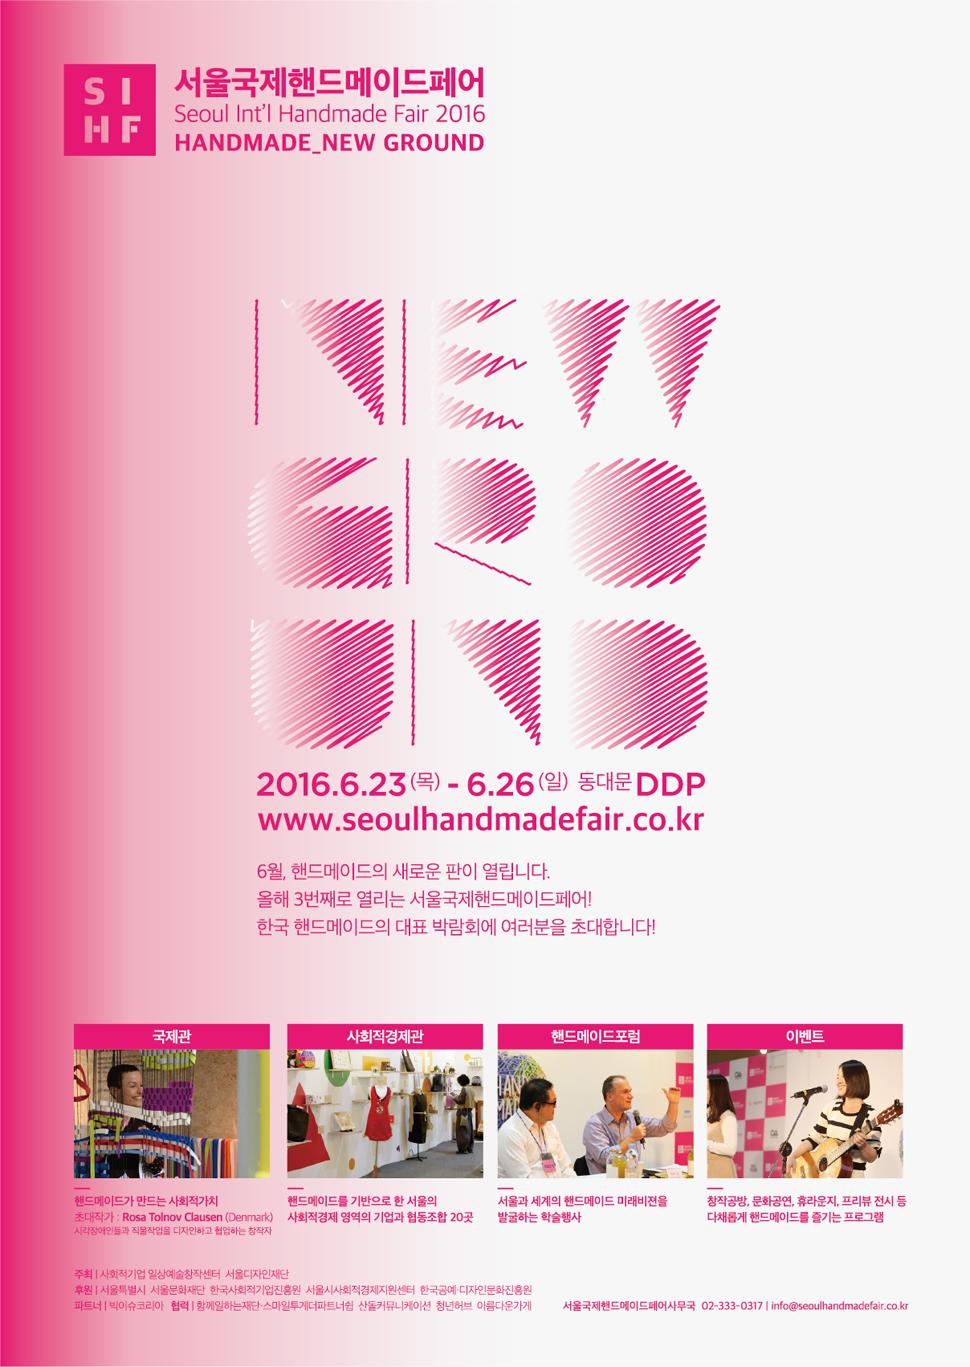 제3회 서울국제핸드메이드페어 포스터 (사진제공: 서울디자인재단)